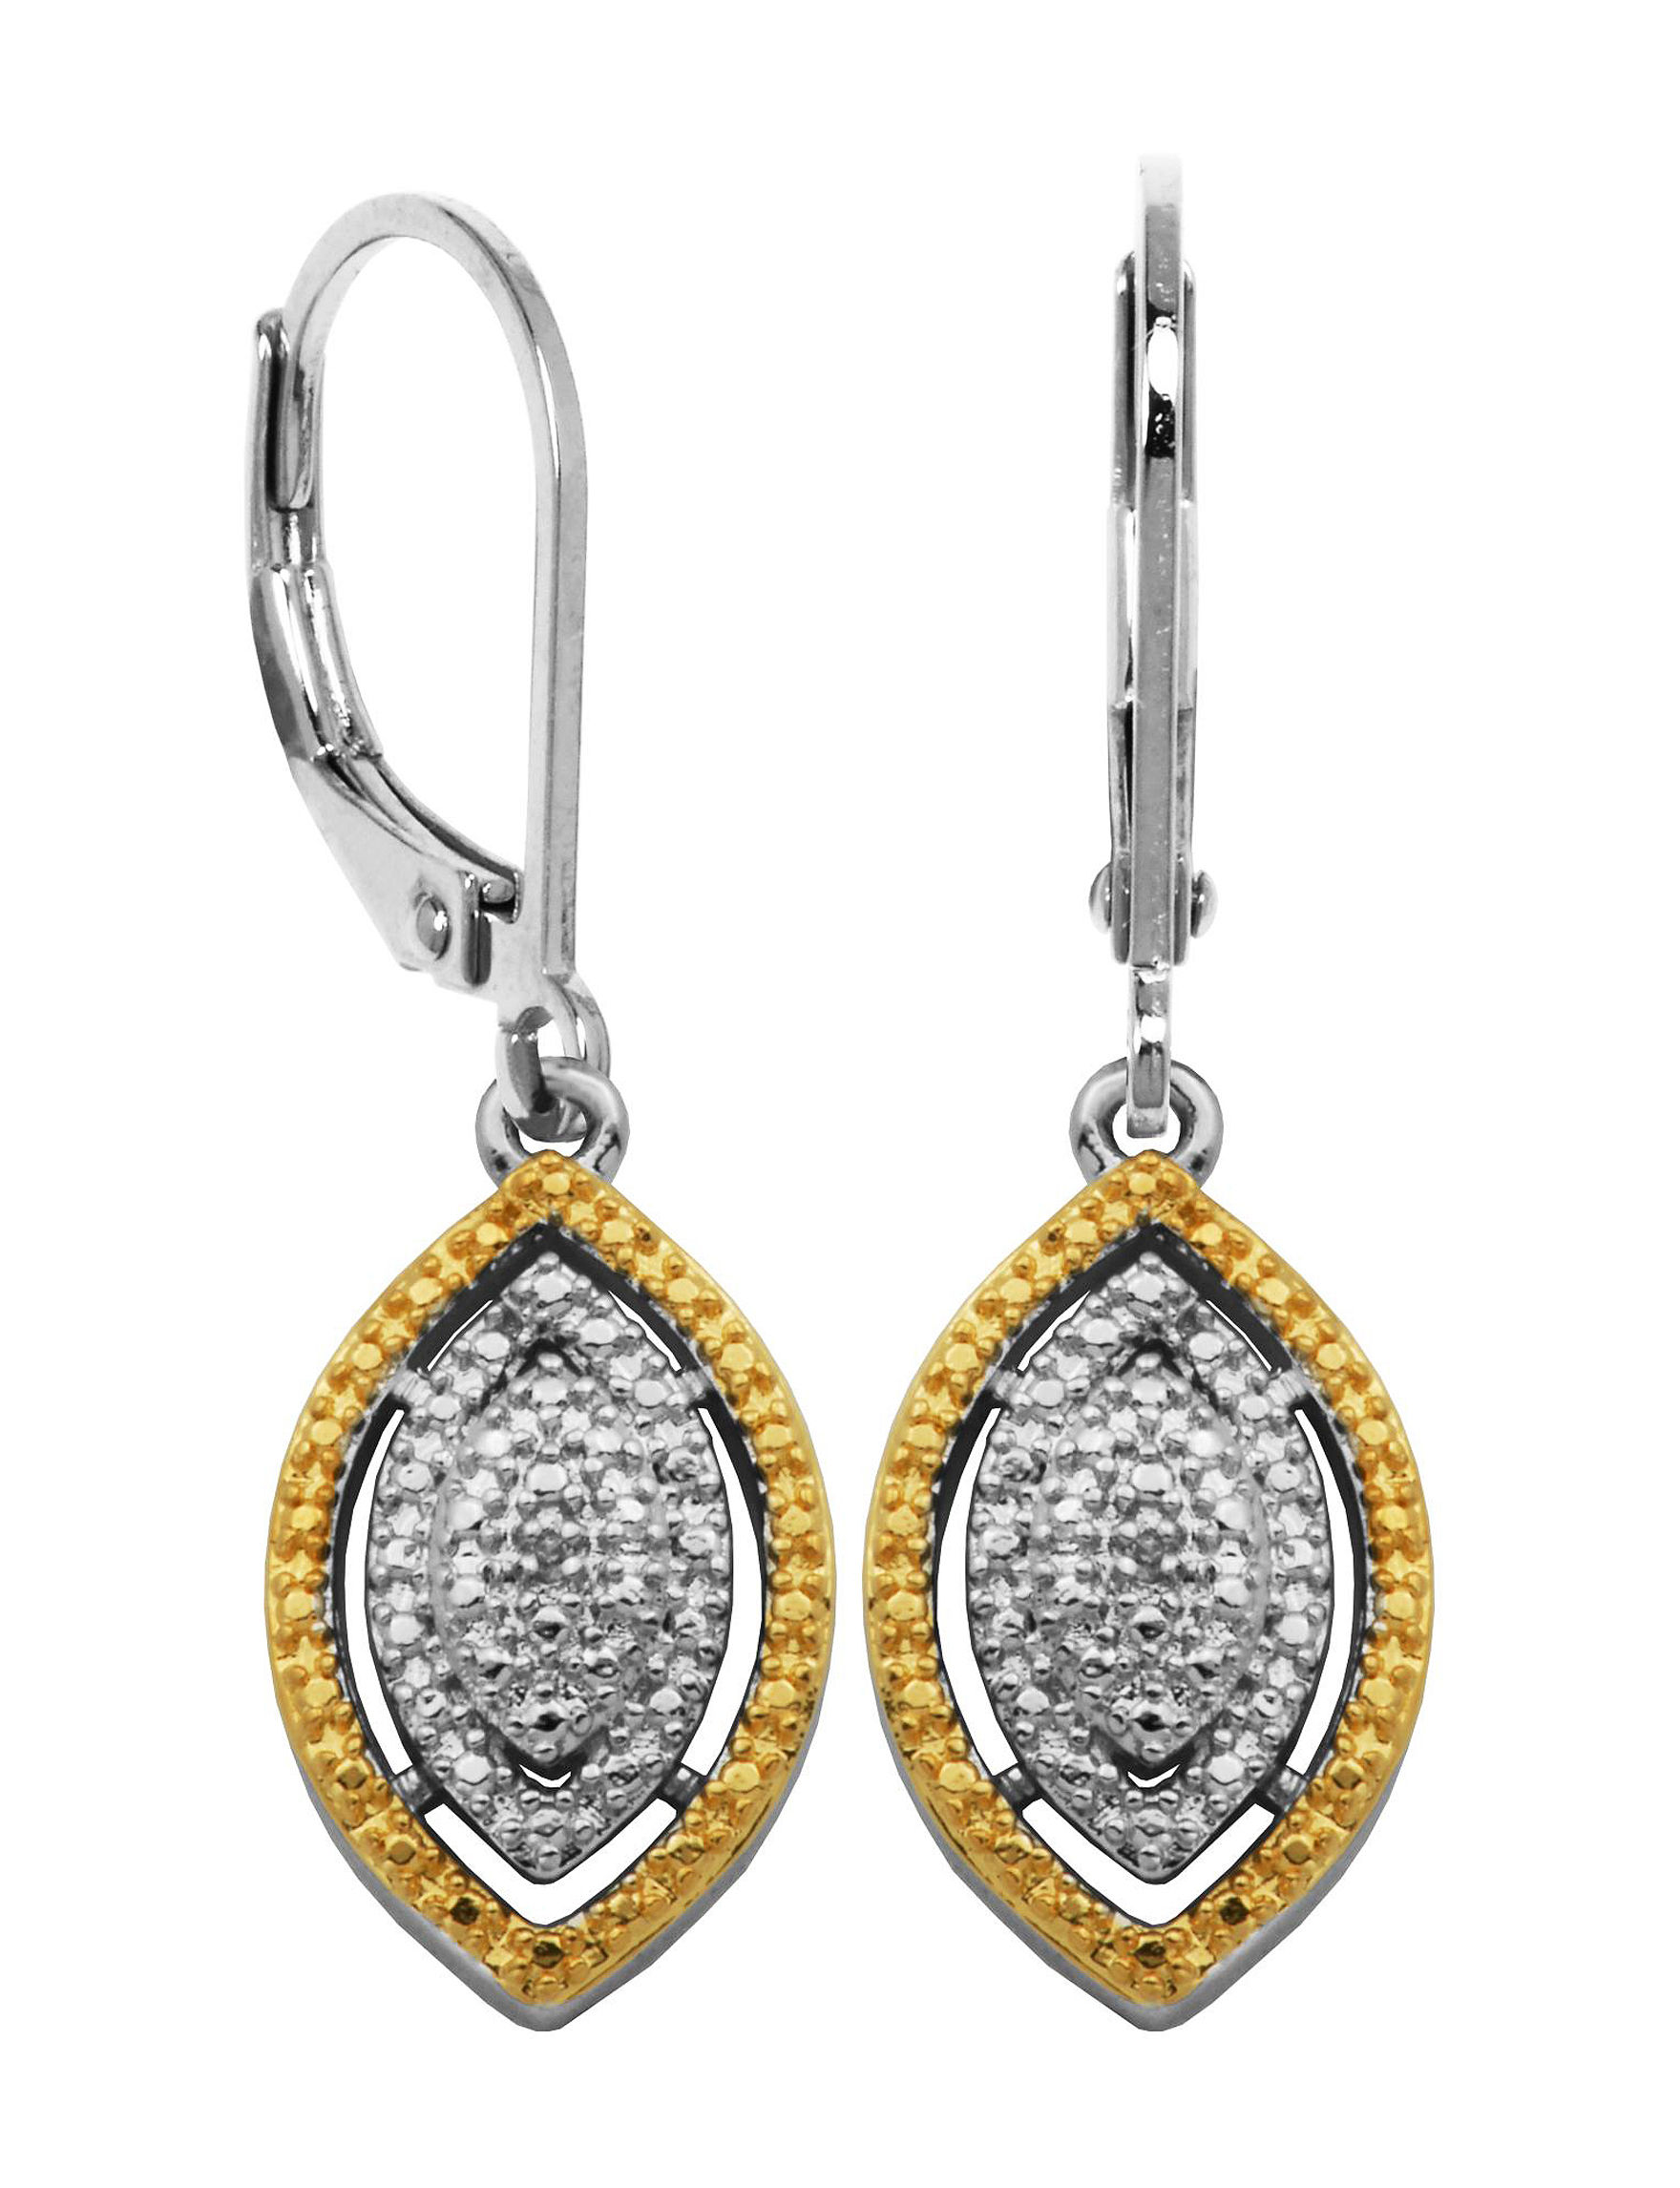 PAJ INC. Silver / Gold Drops Earrings Fine Jewelry